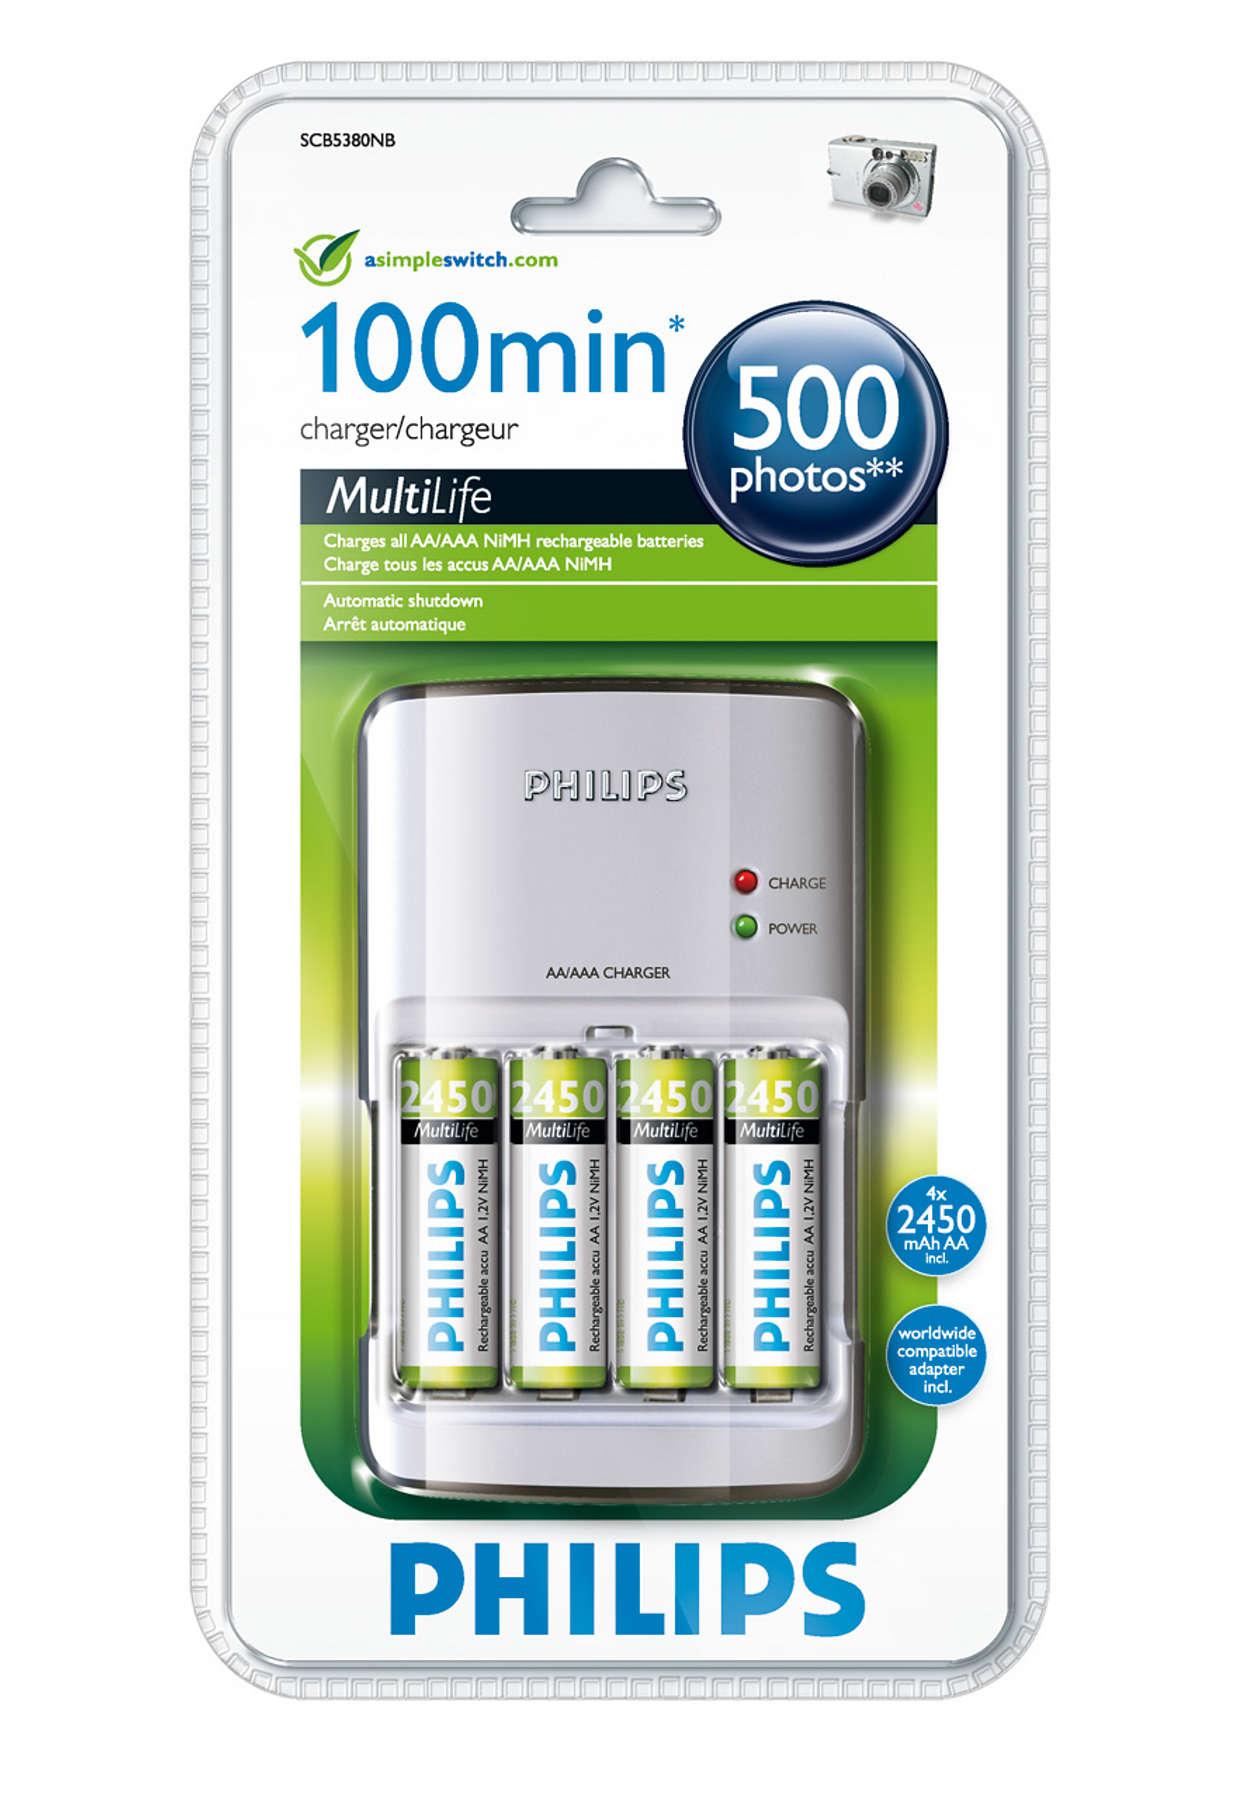 Carregue completamente as suas pilhas num máximo de 100 minutos